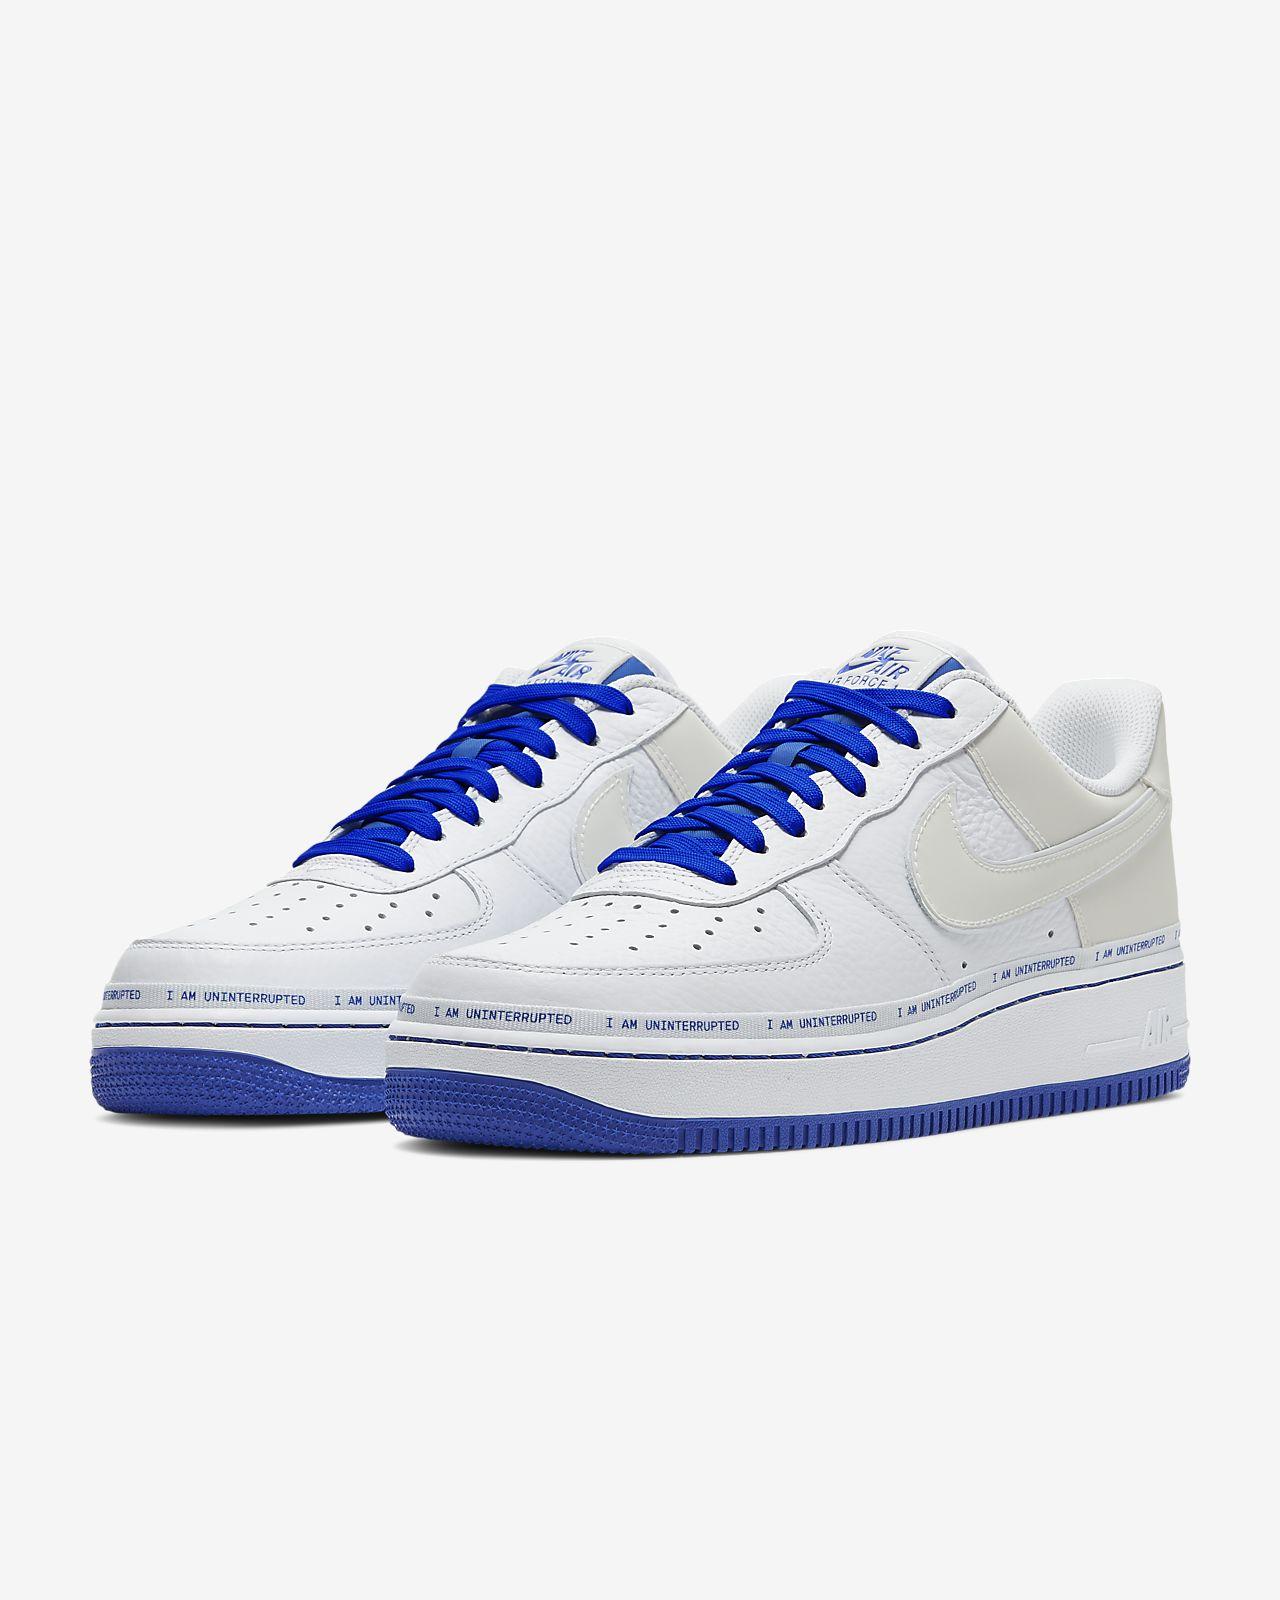 nike air force 1 blue white